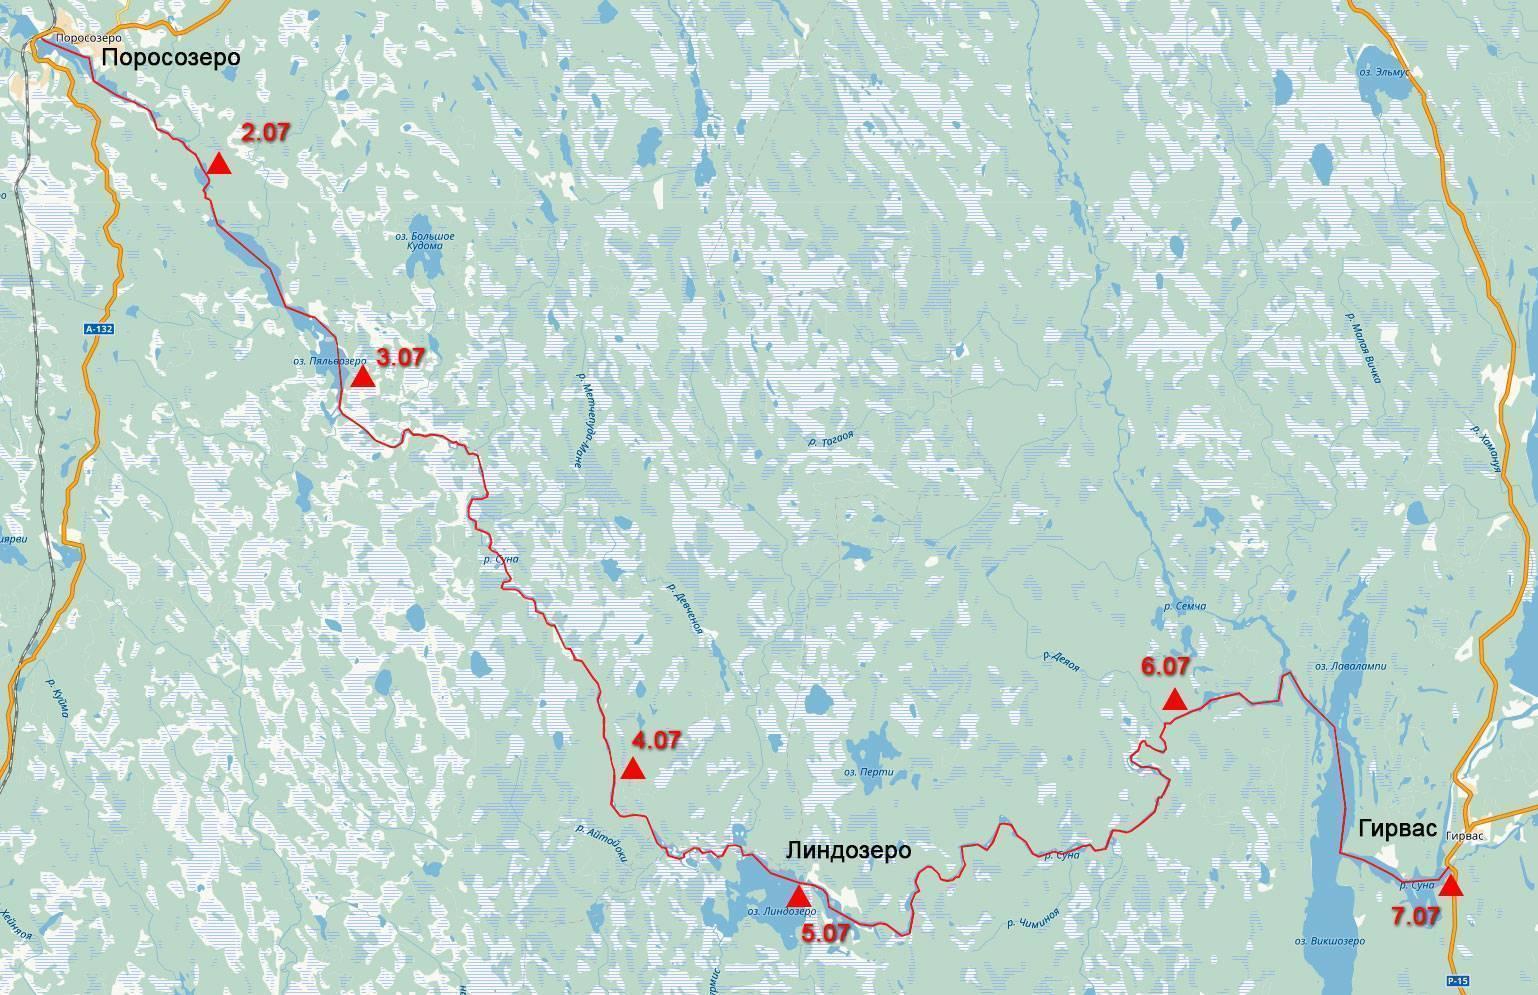 Шуя беломорская (шуя северная) - река в карелии, впадает в белое море